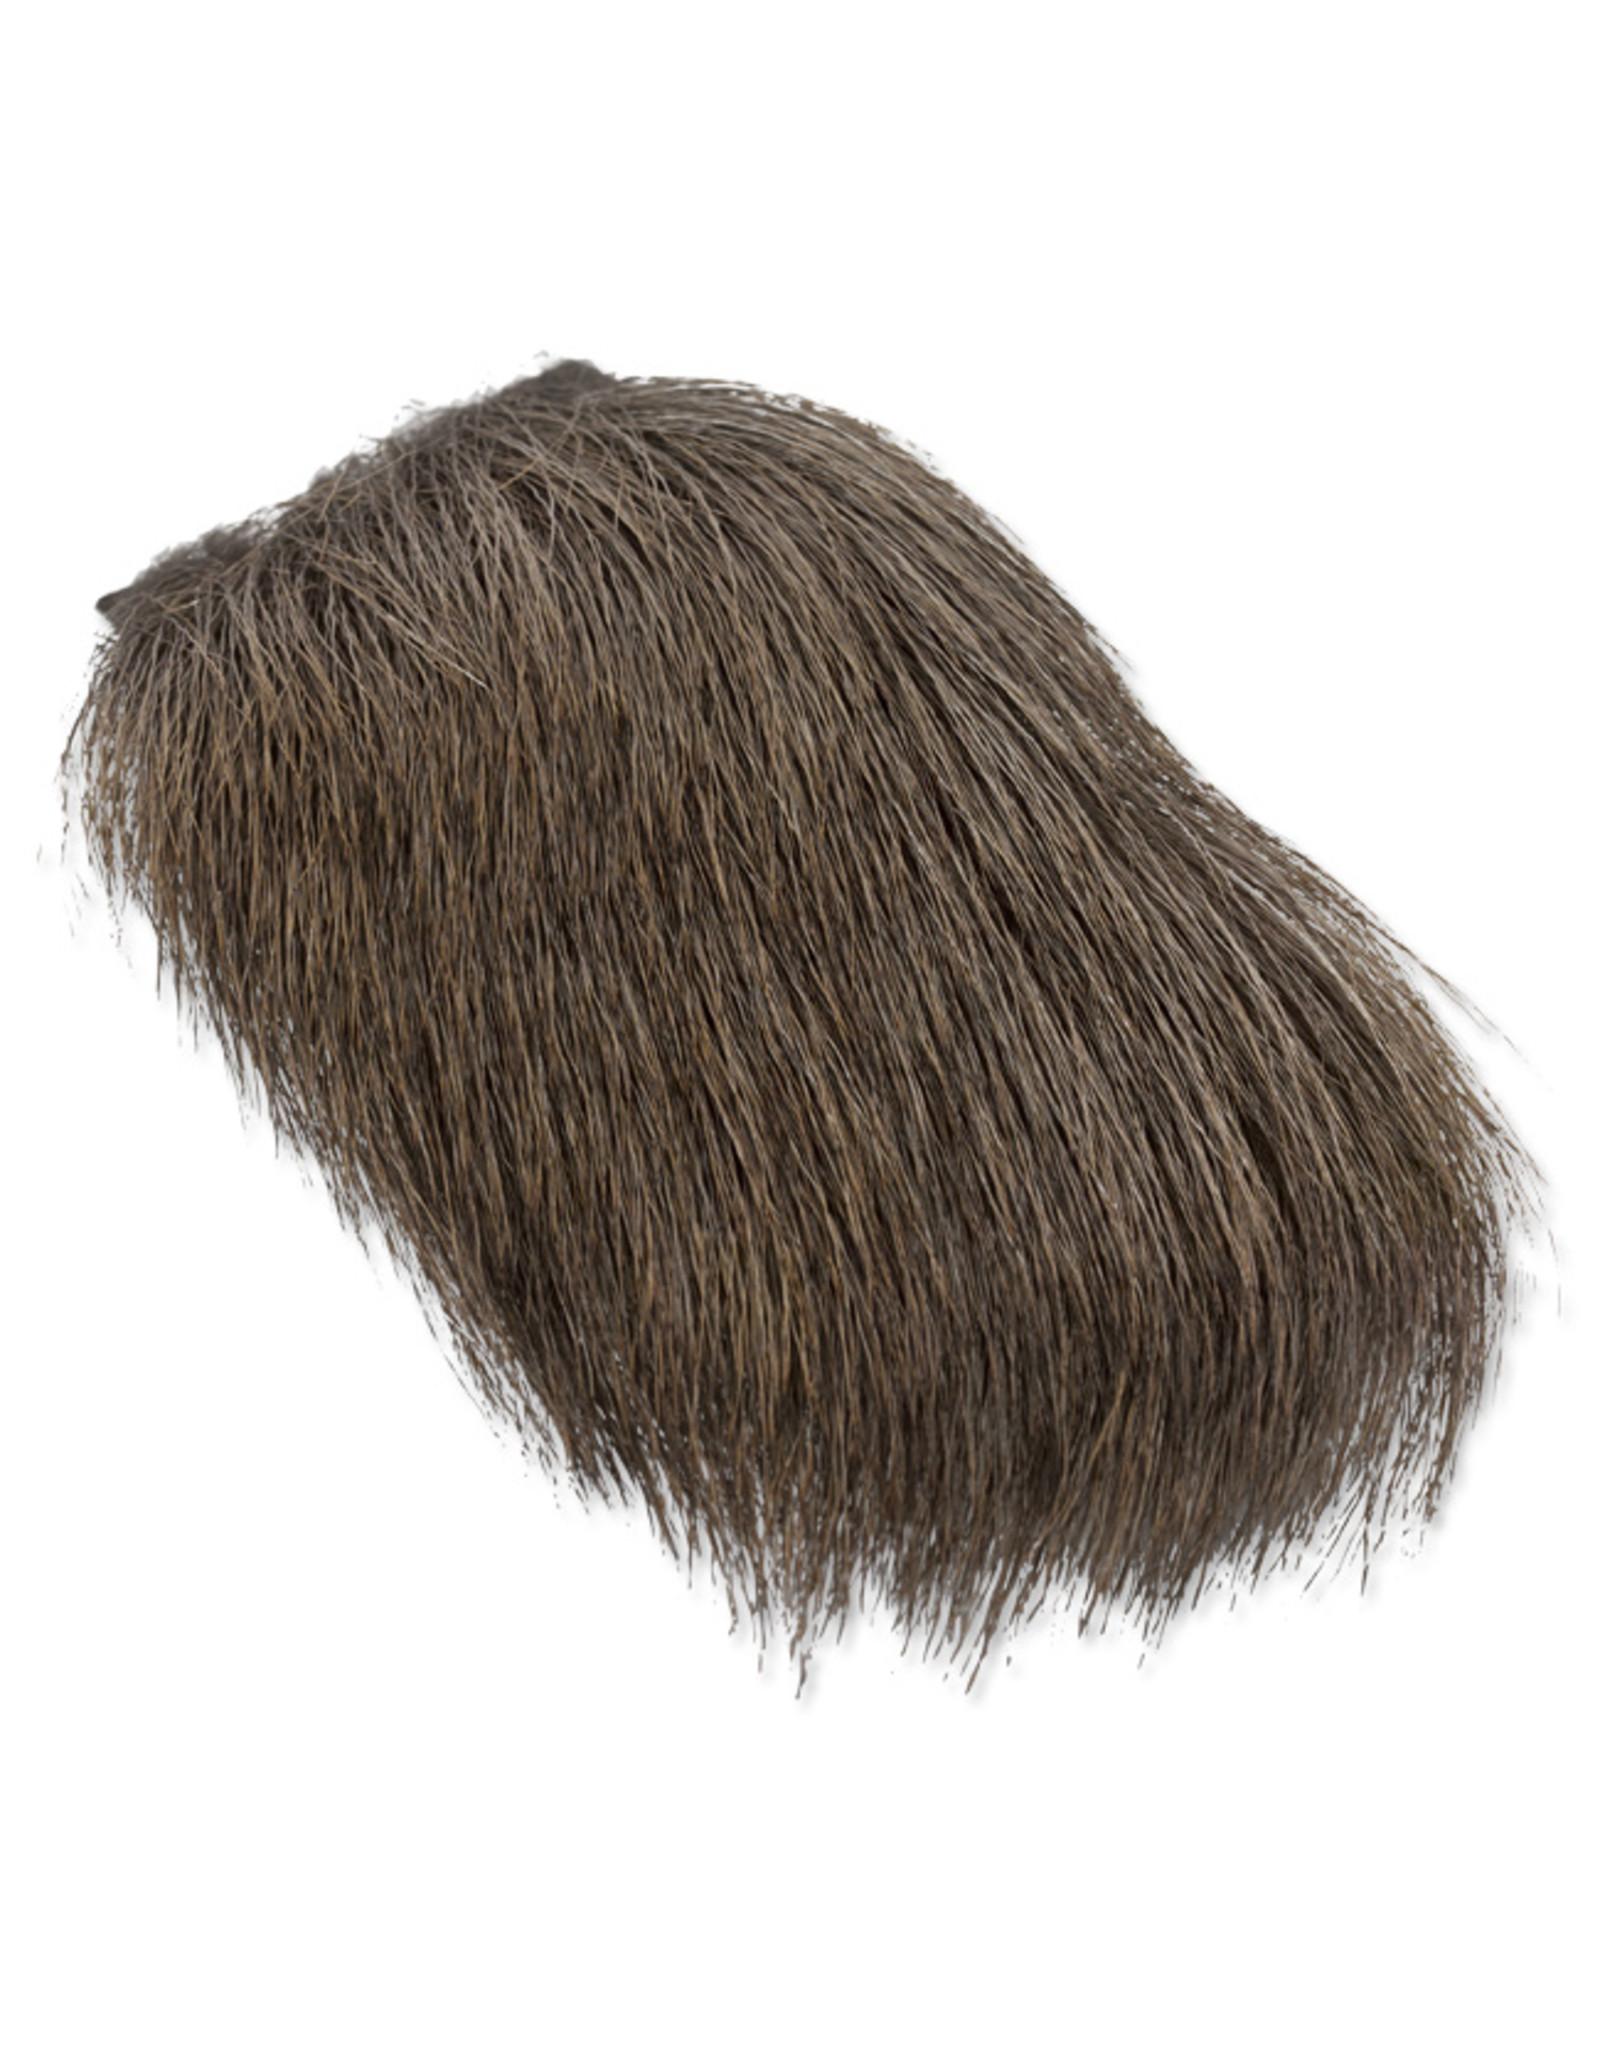 HOOK AND HACKLE Elk Hair